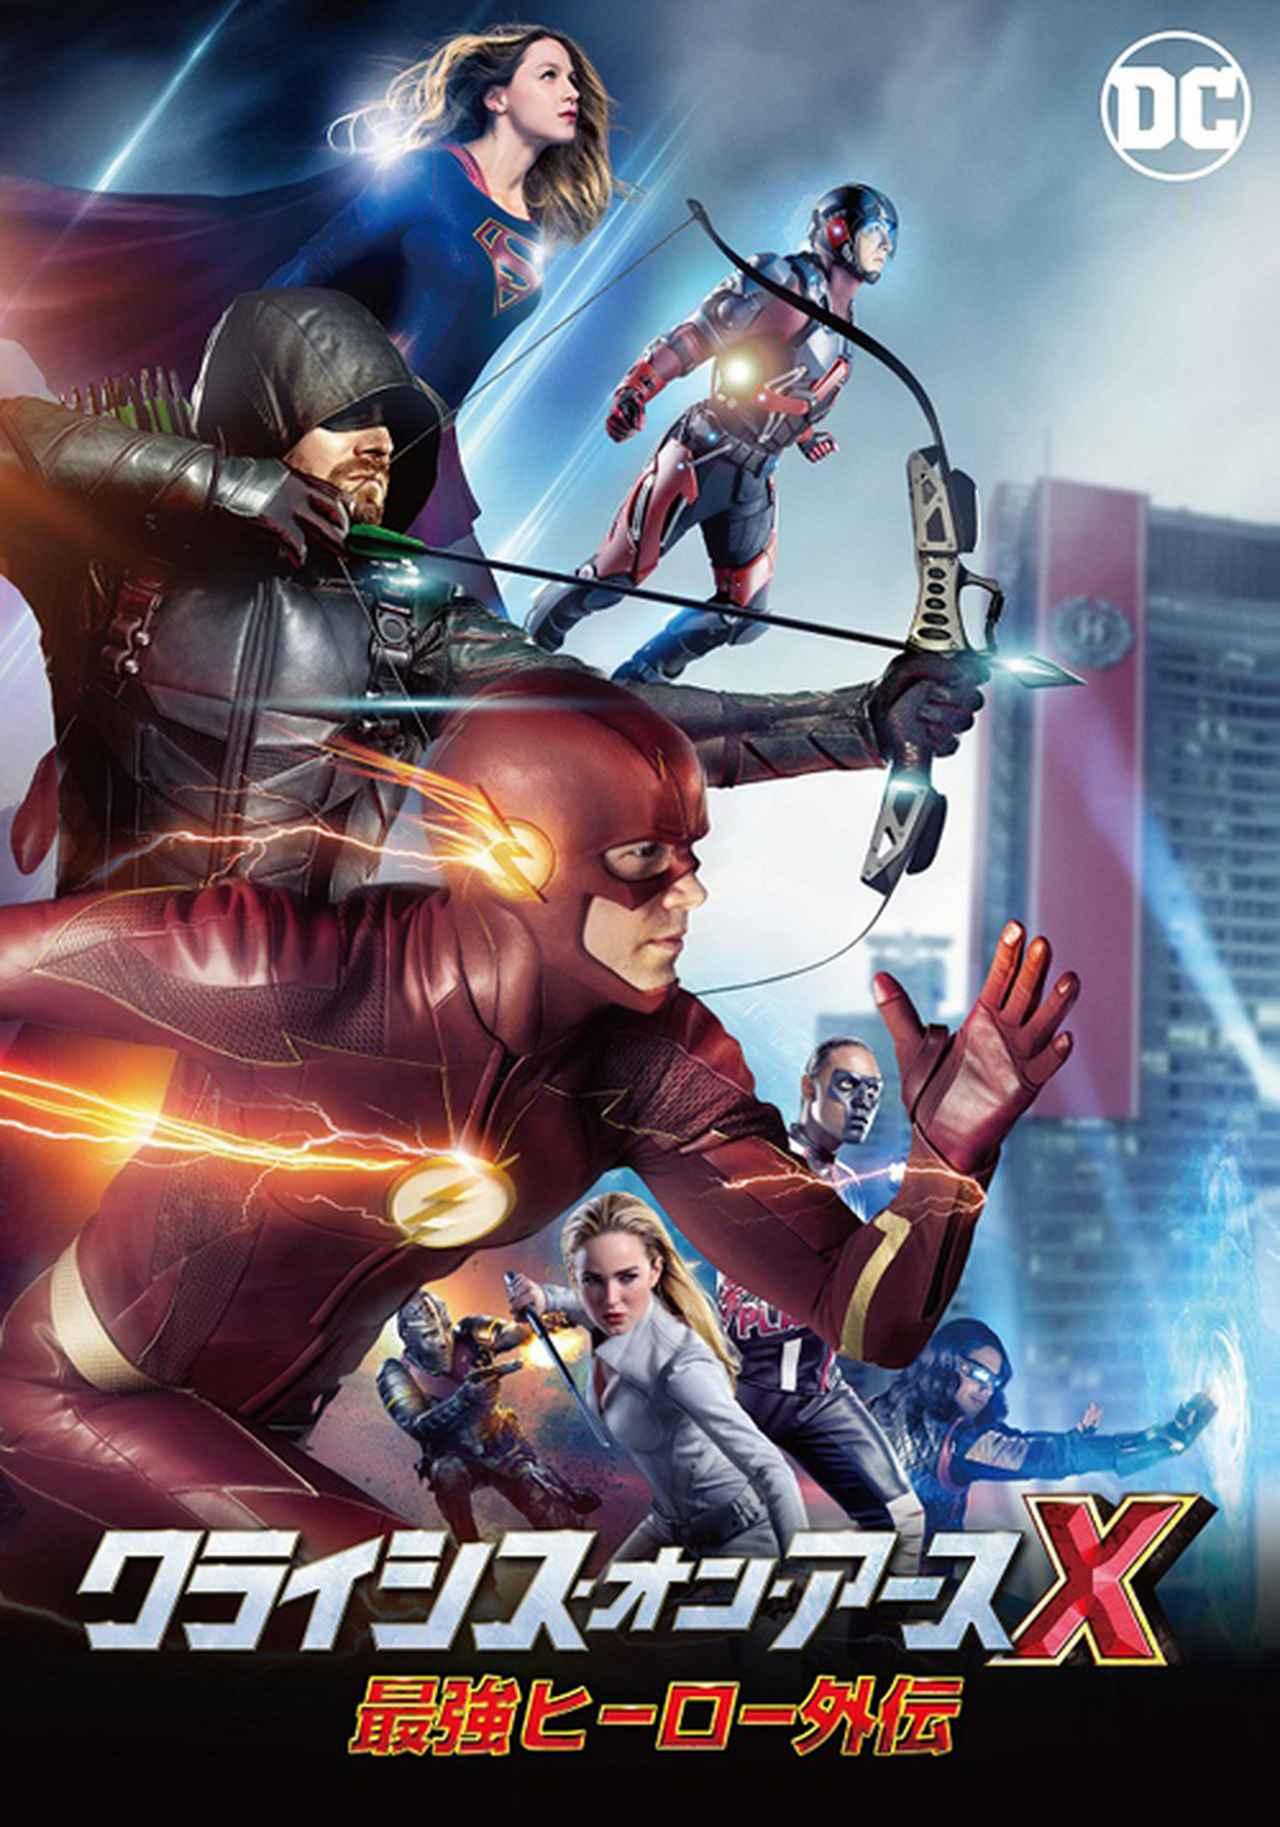 画像: スーパーヒーローたちが一丸となって敵に立ち向かう!